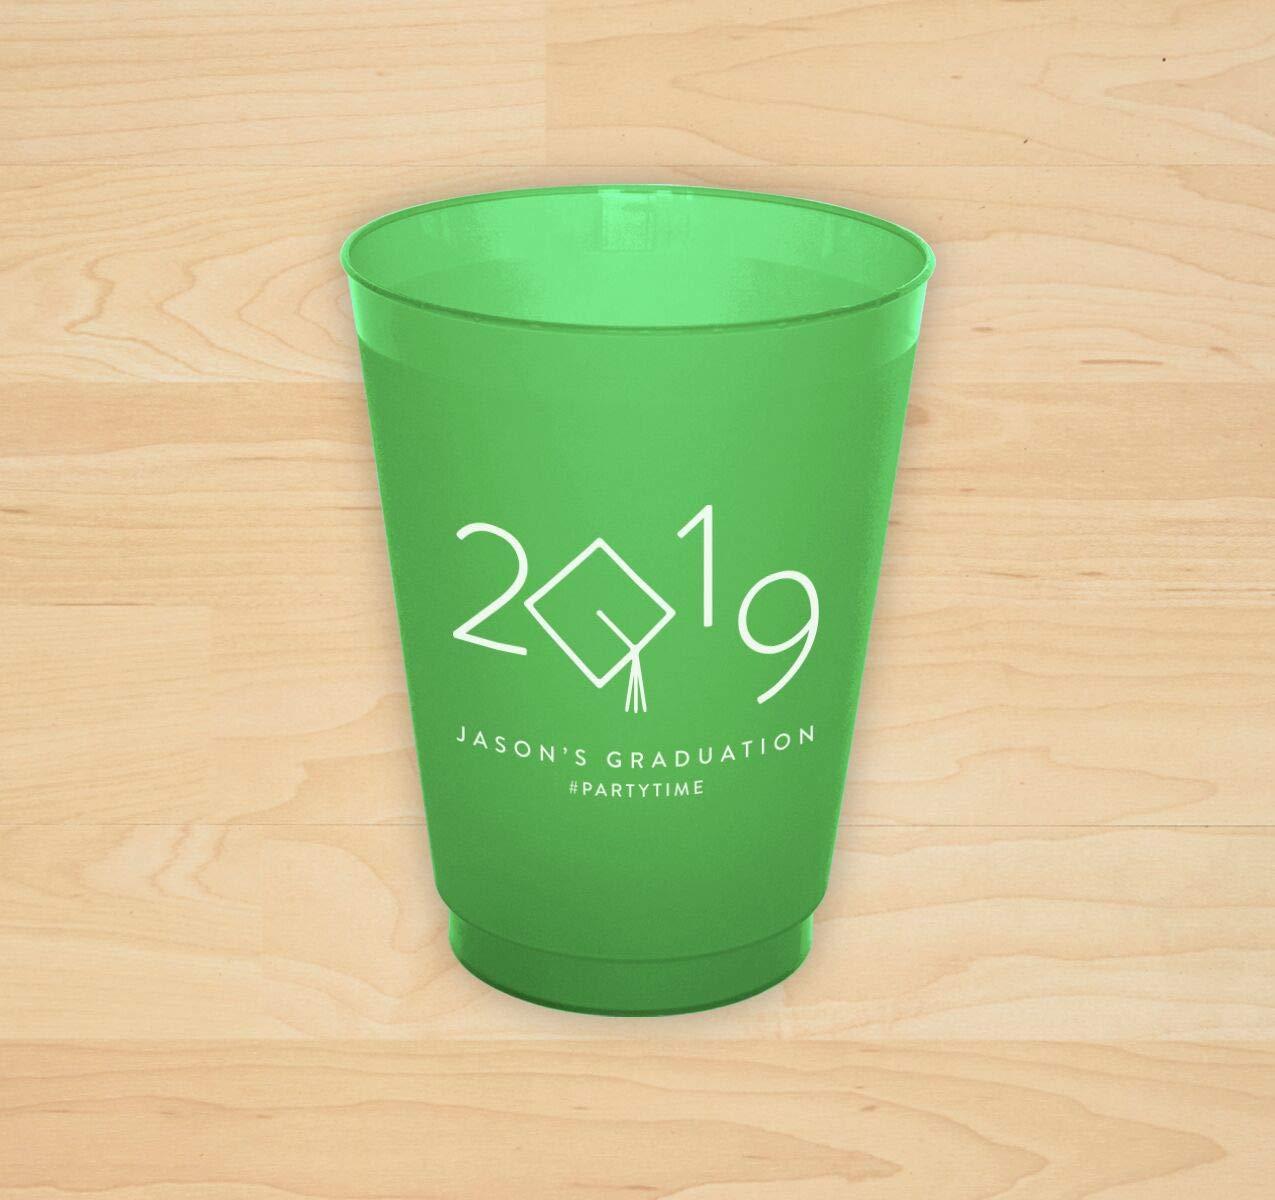 2019 Grad Cap Cup - Set of 150-4181